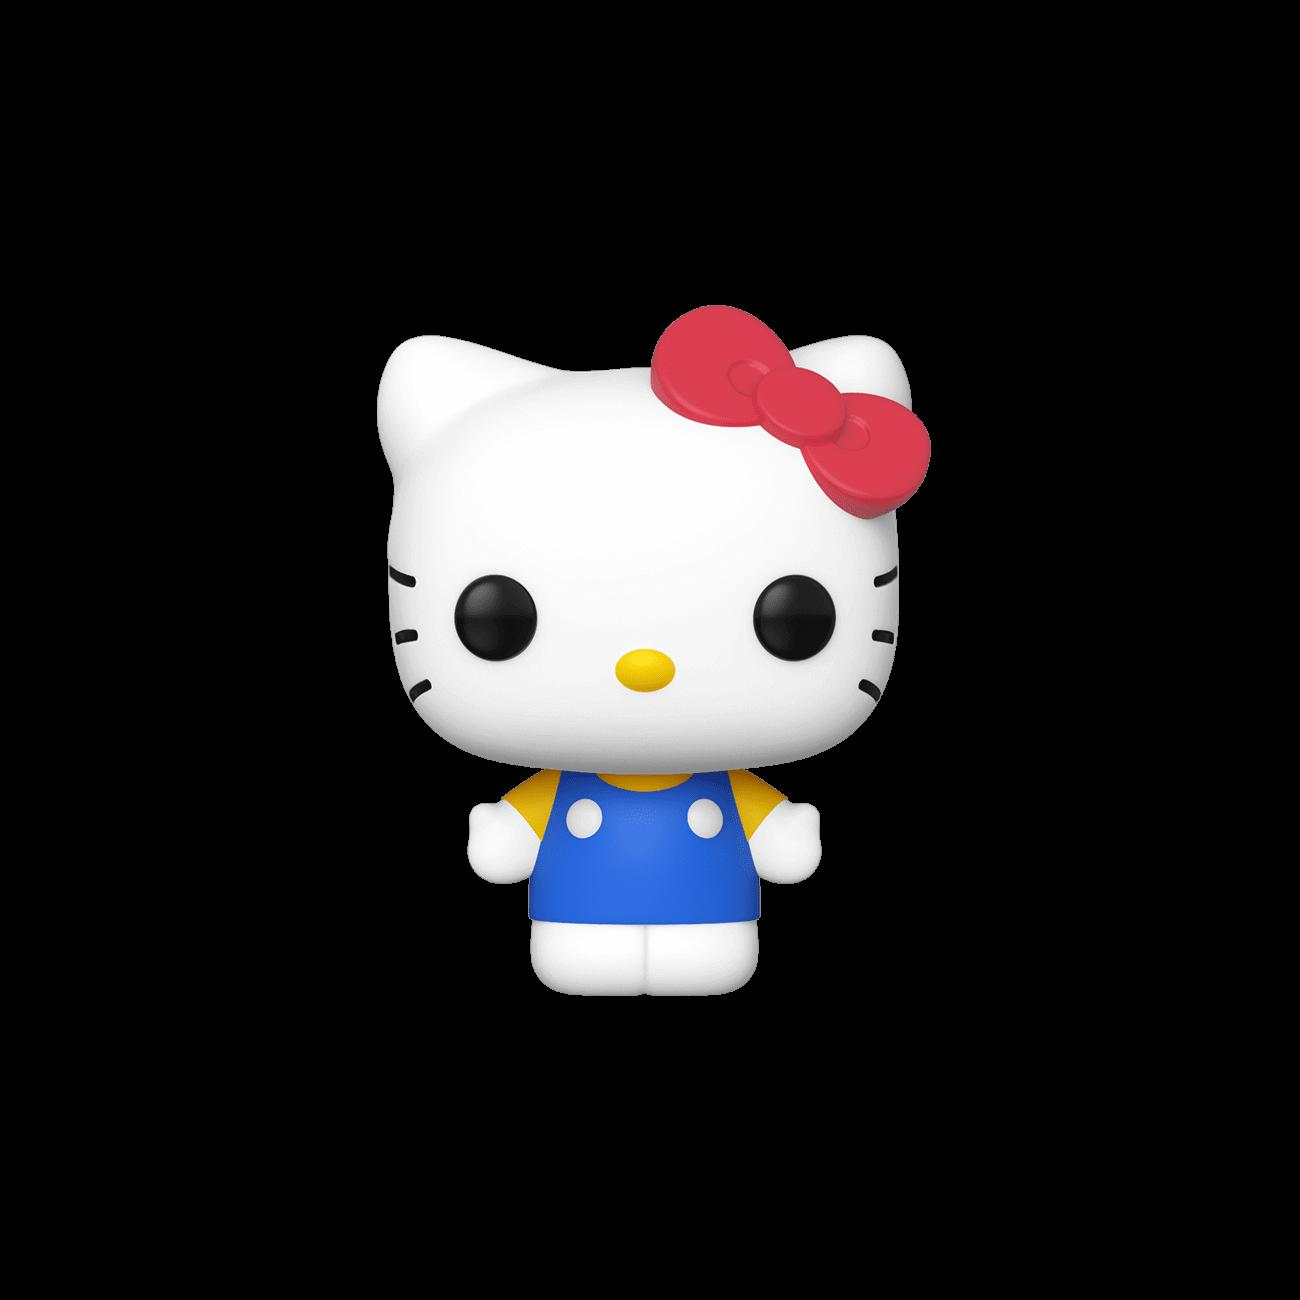 Hình Hello Kitty 3D cute dễ thương